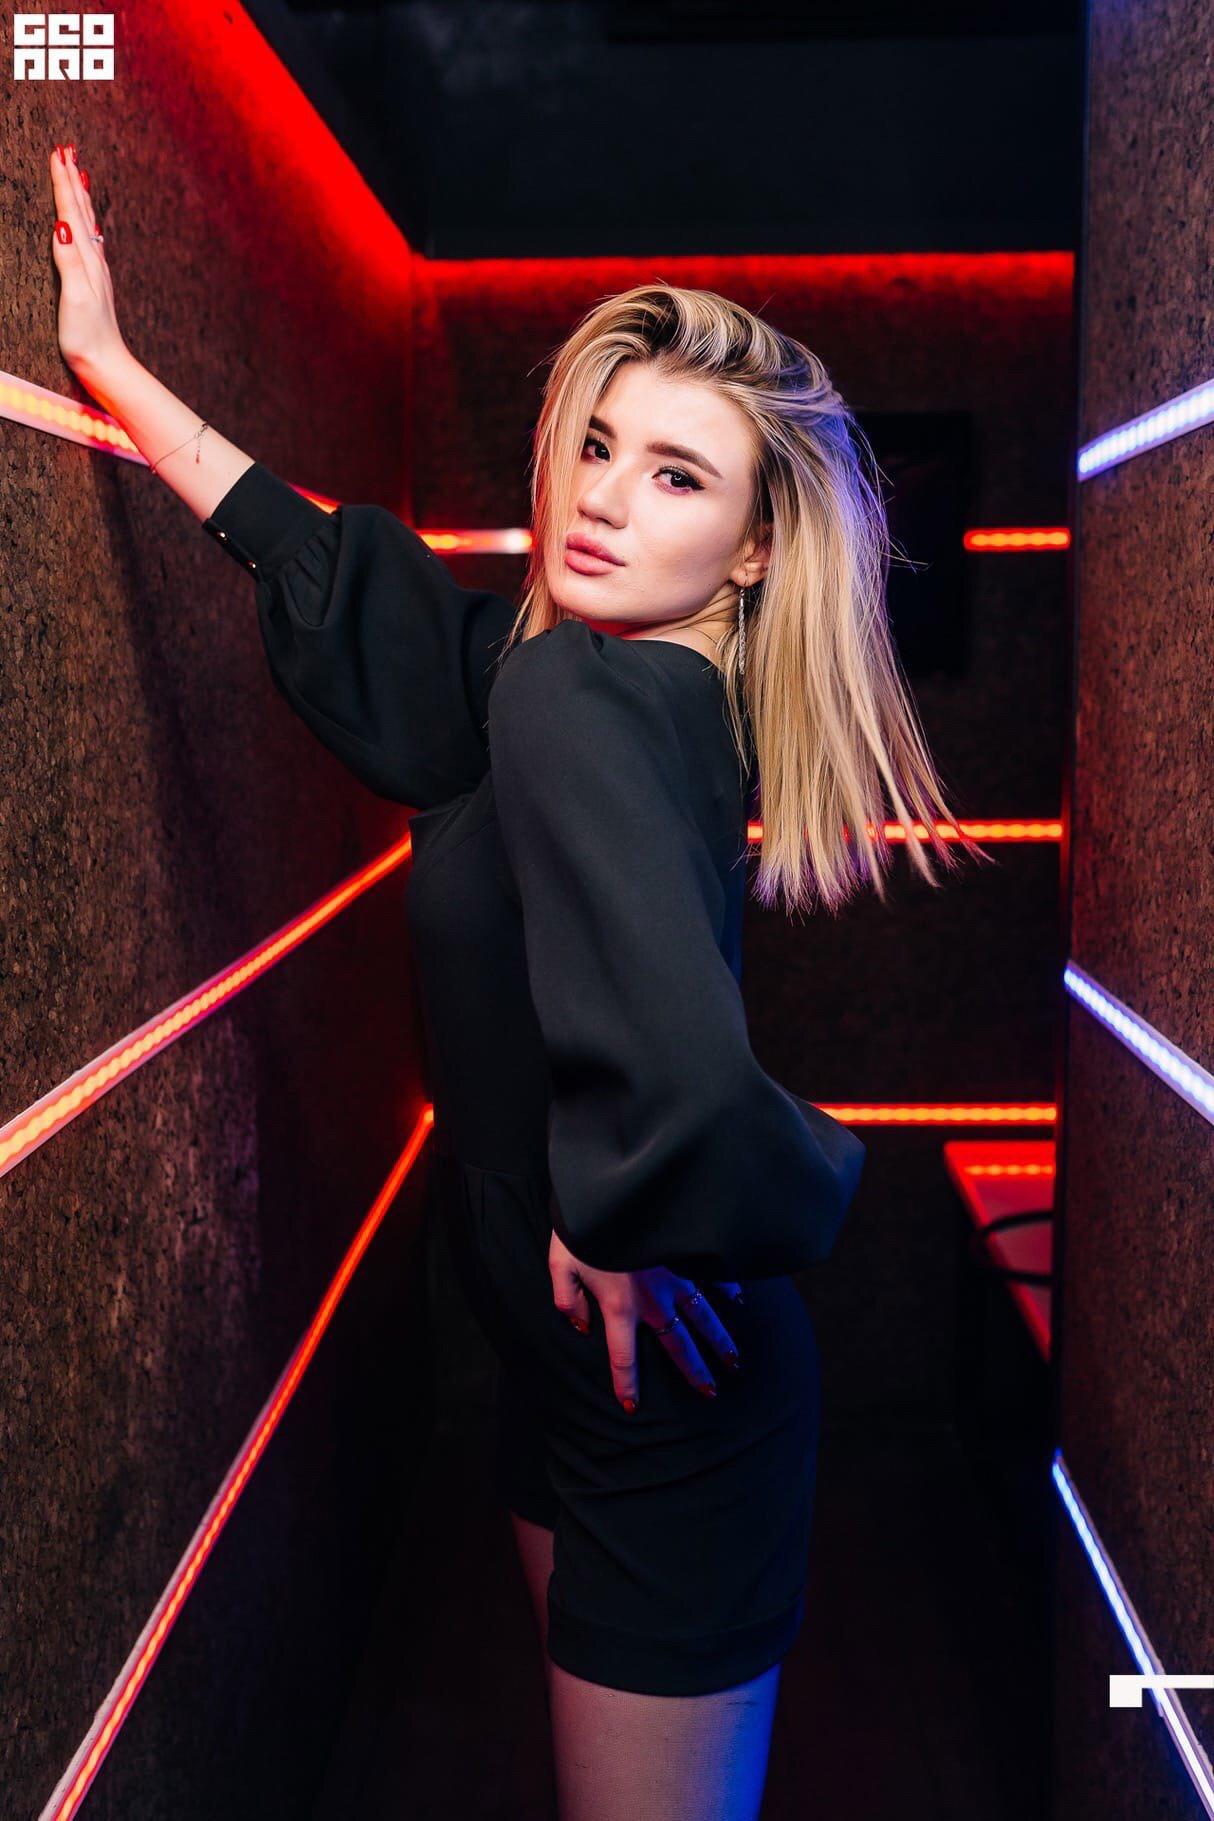 Работа девушке моделью михайловск марченко кристина